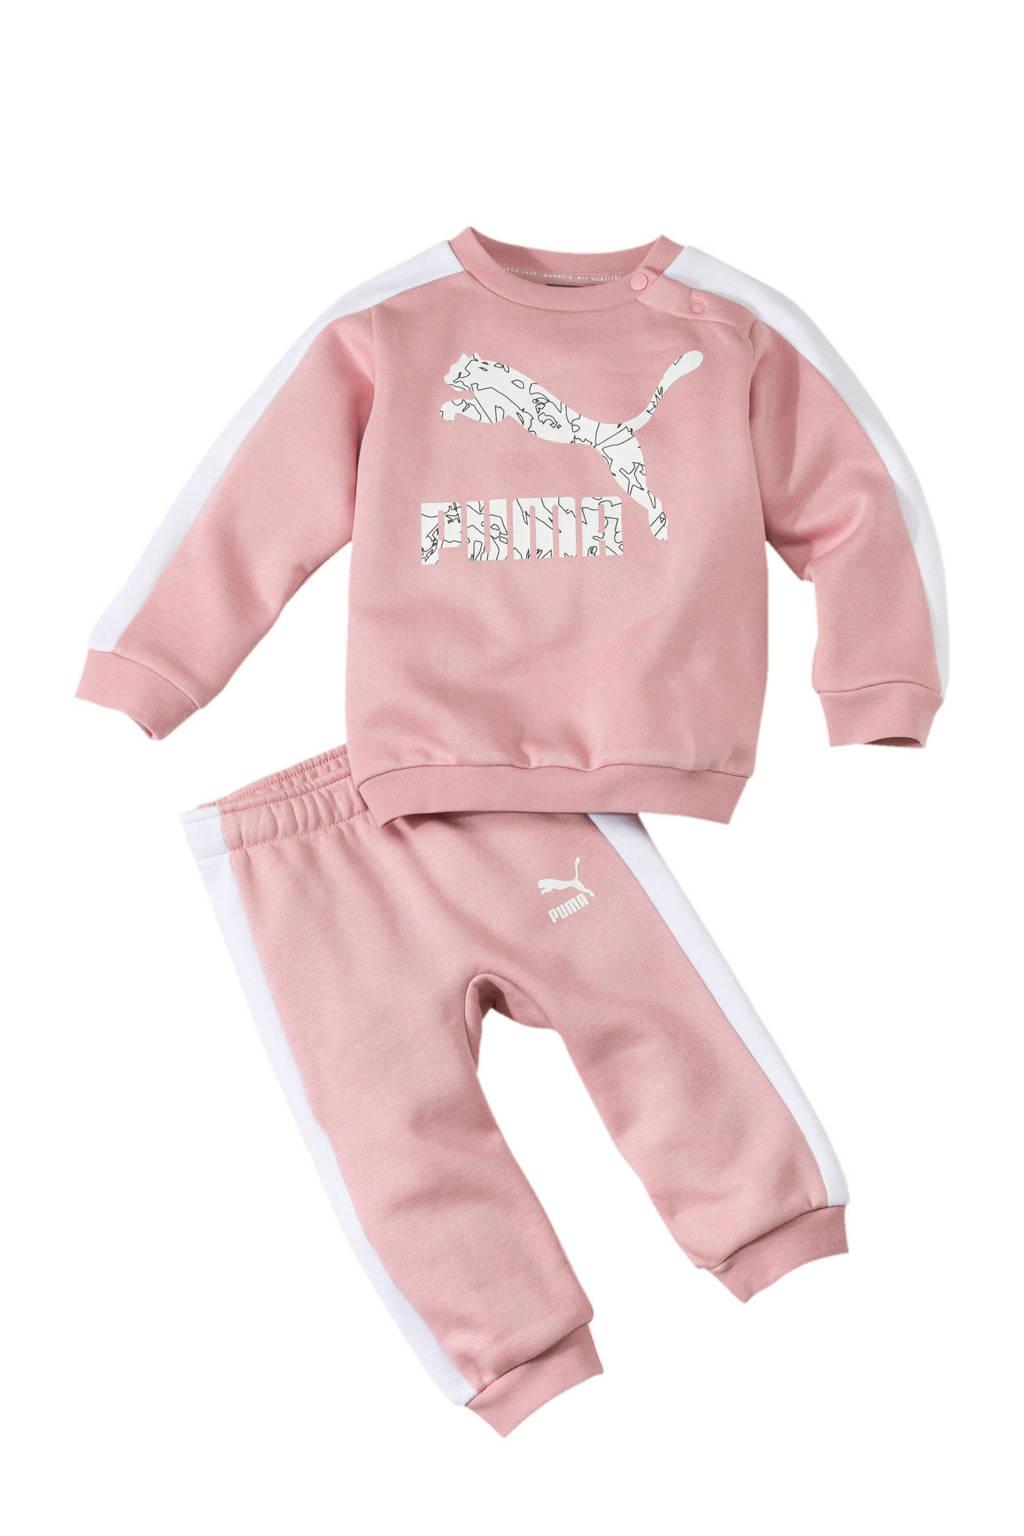 Puma joggingpak roze, Roze/wit